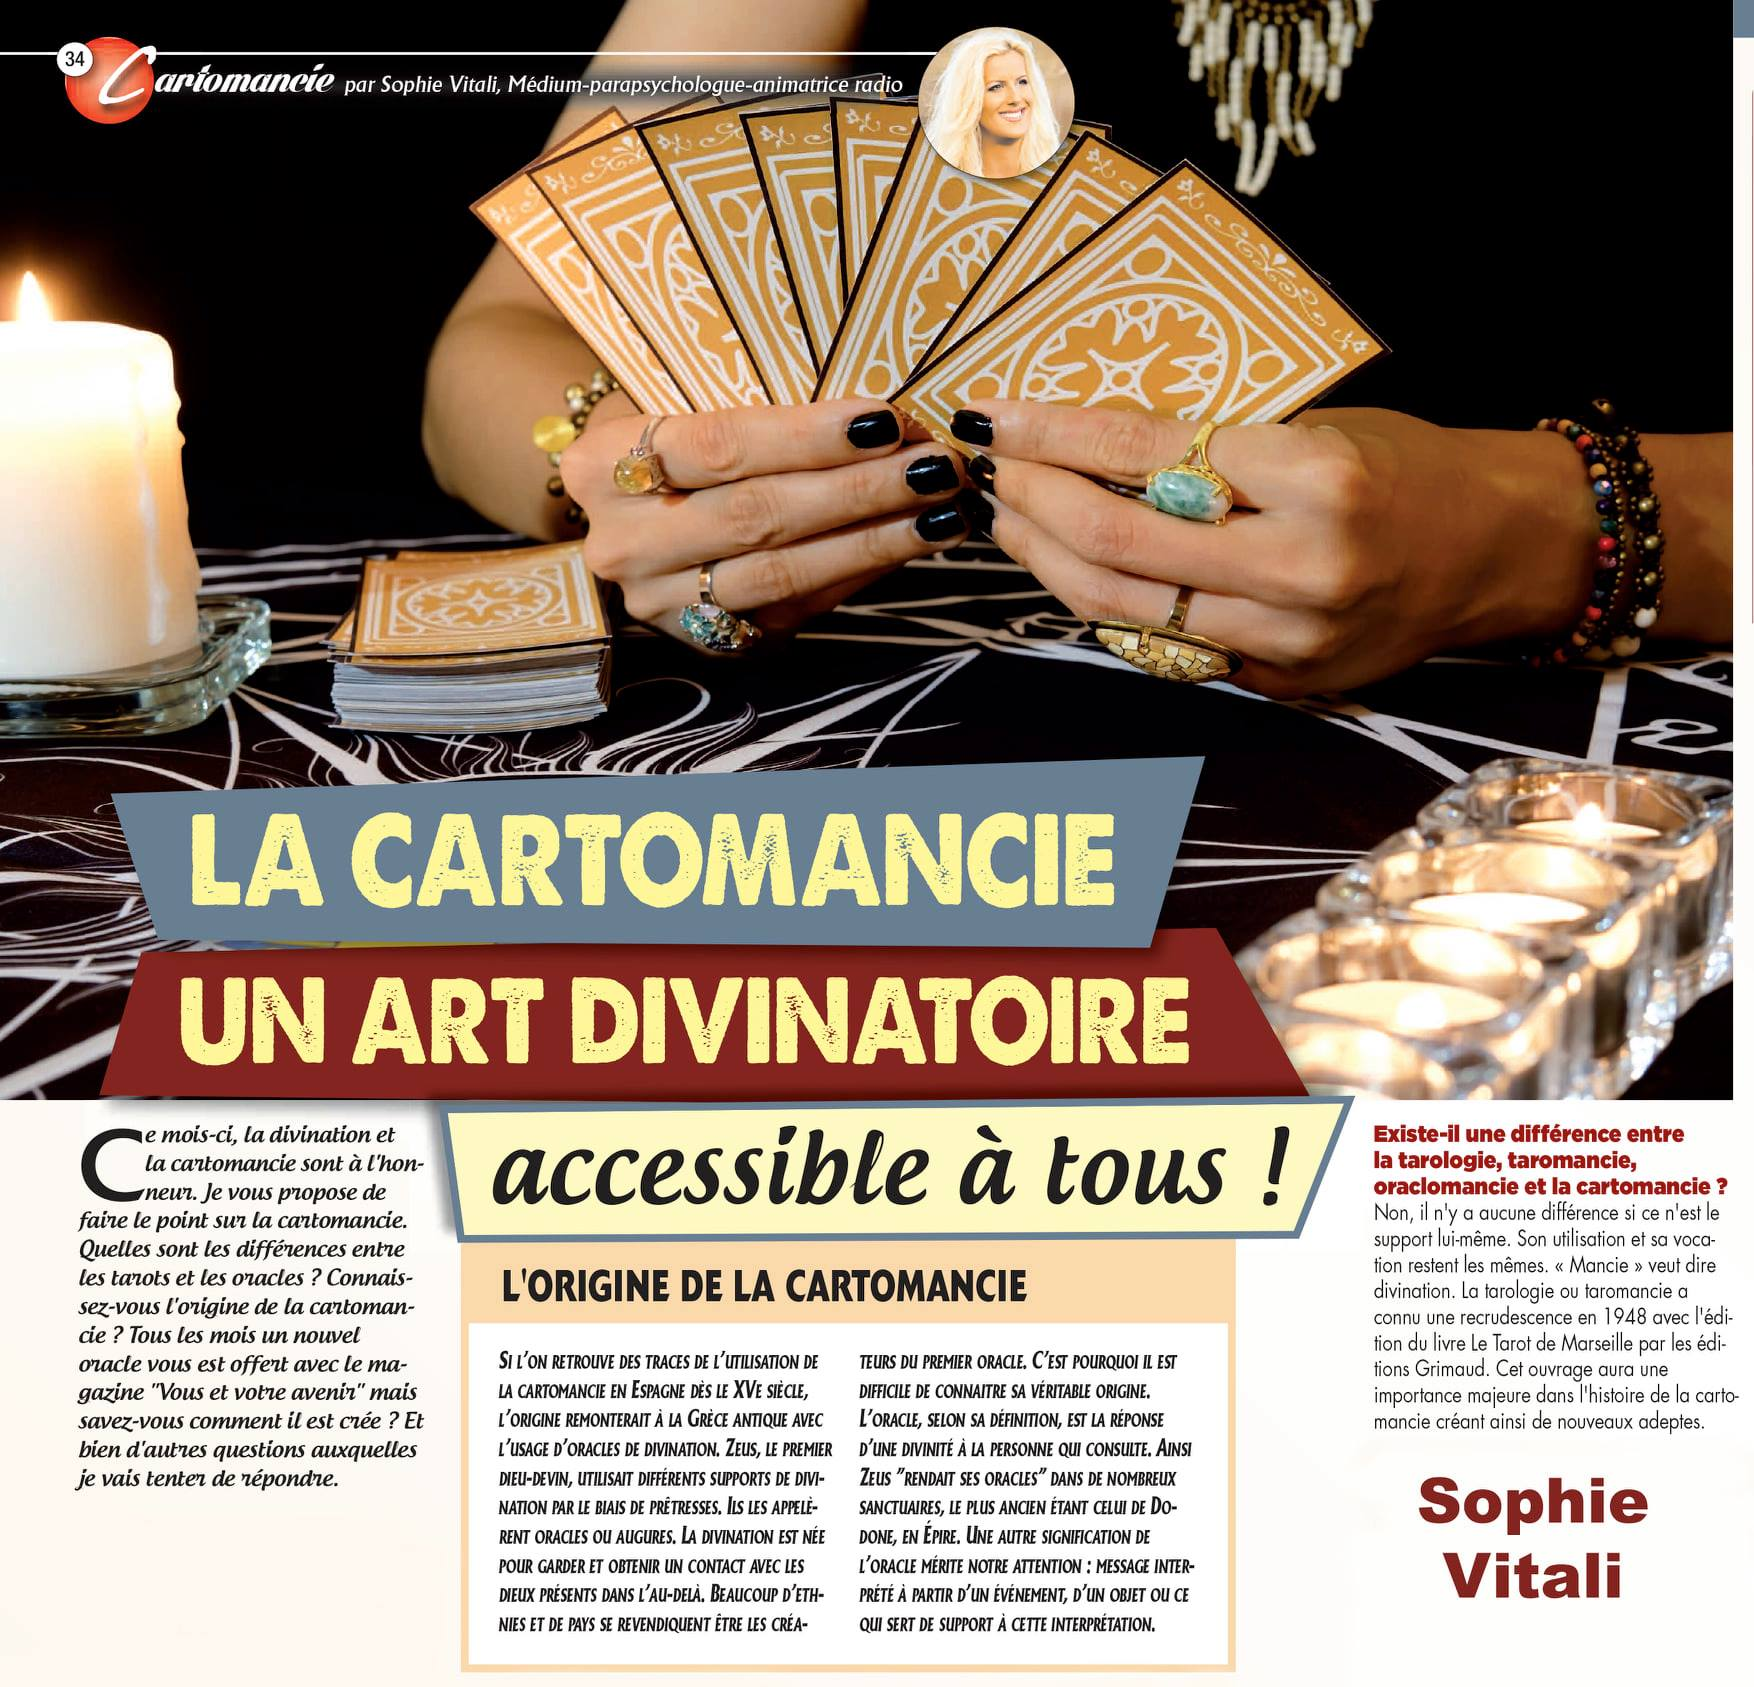 La cartomancie, un art divinatoire accessible à tous par Sophie Vitali médium